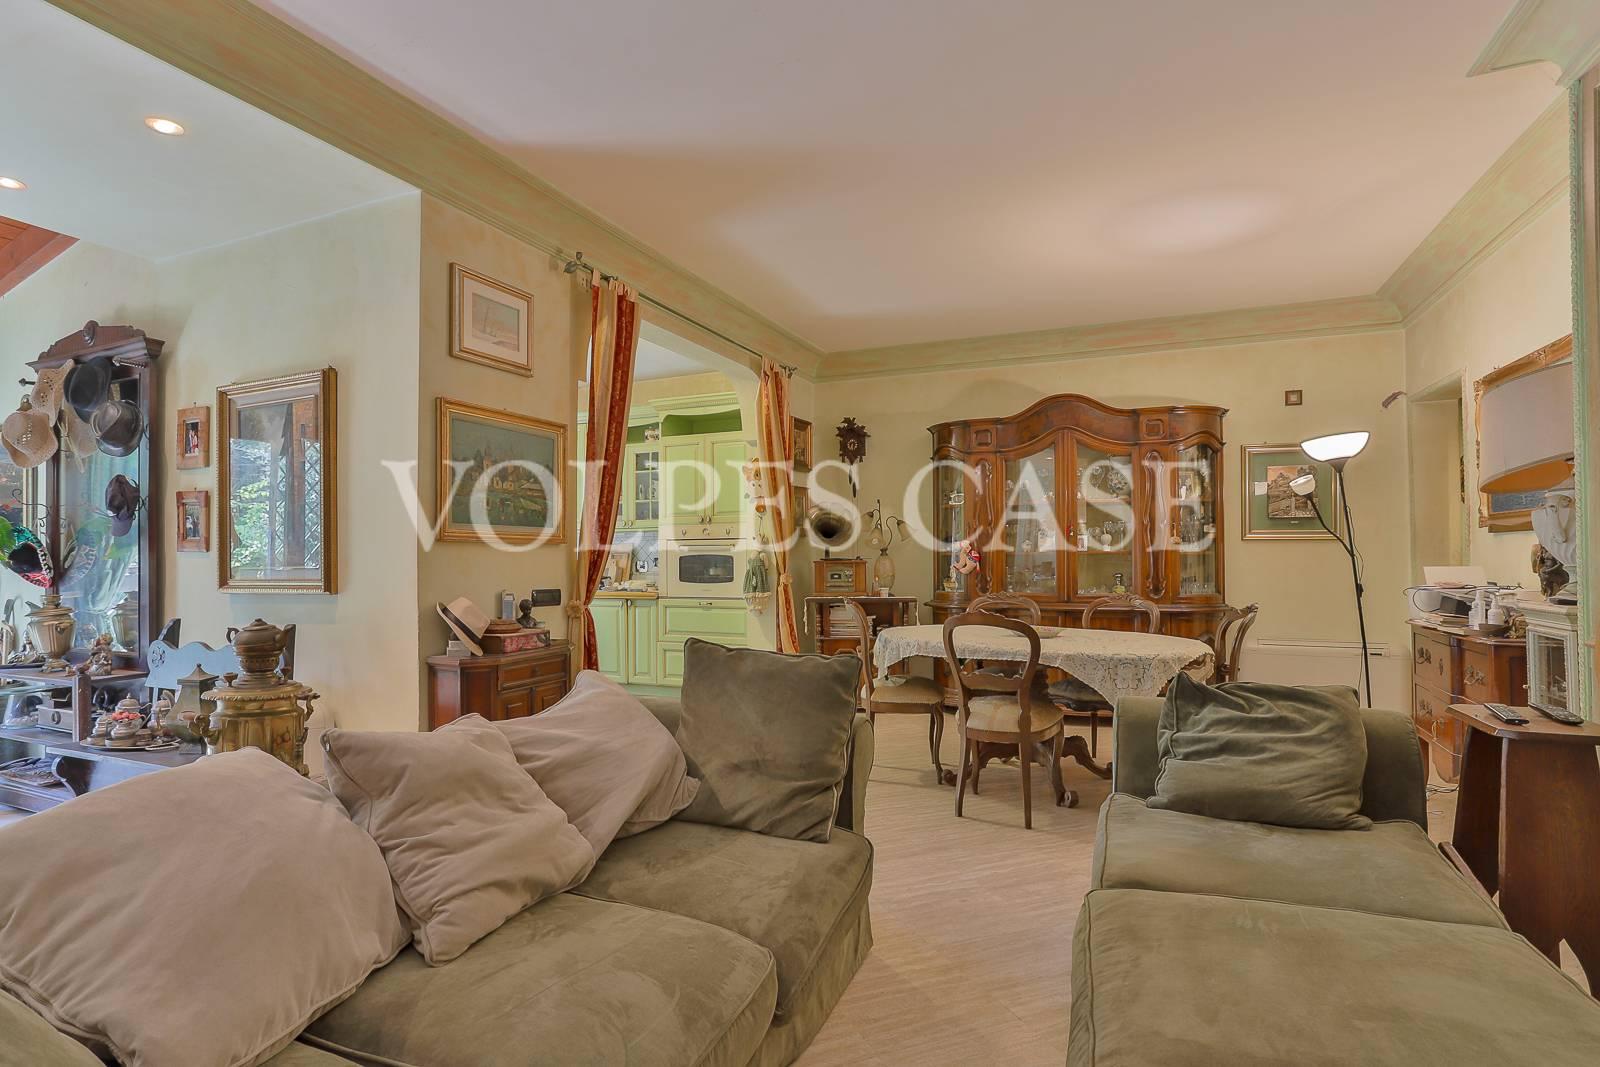 Villa Bifamiliare in vendita a Roma, 5 locali, zona Località: PratoLauro, prezzo € 490.000 | CambioCasa.it